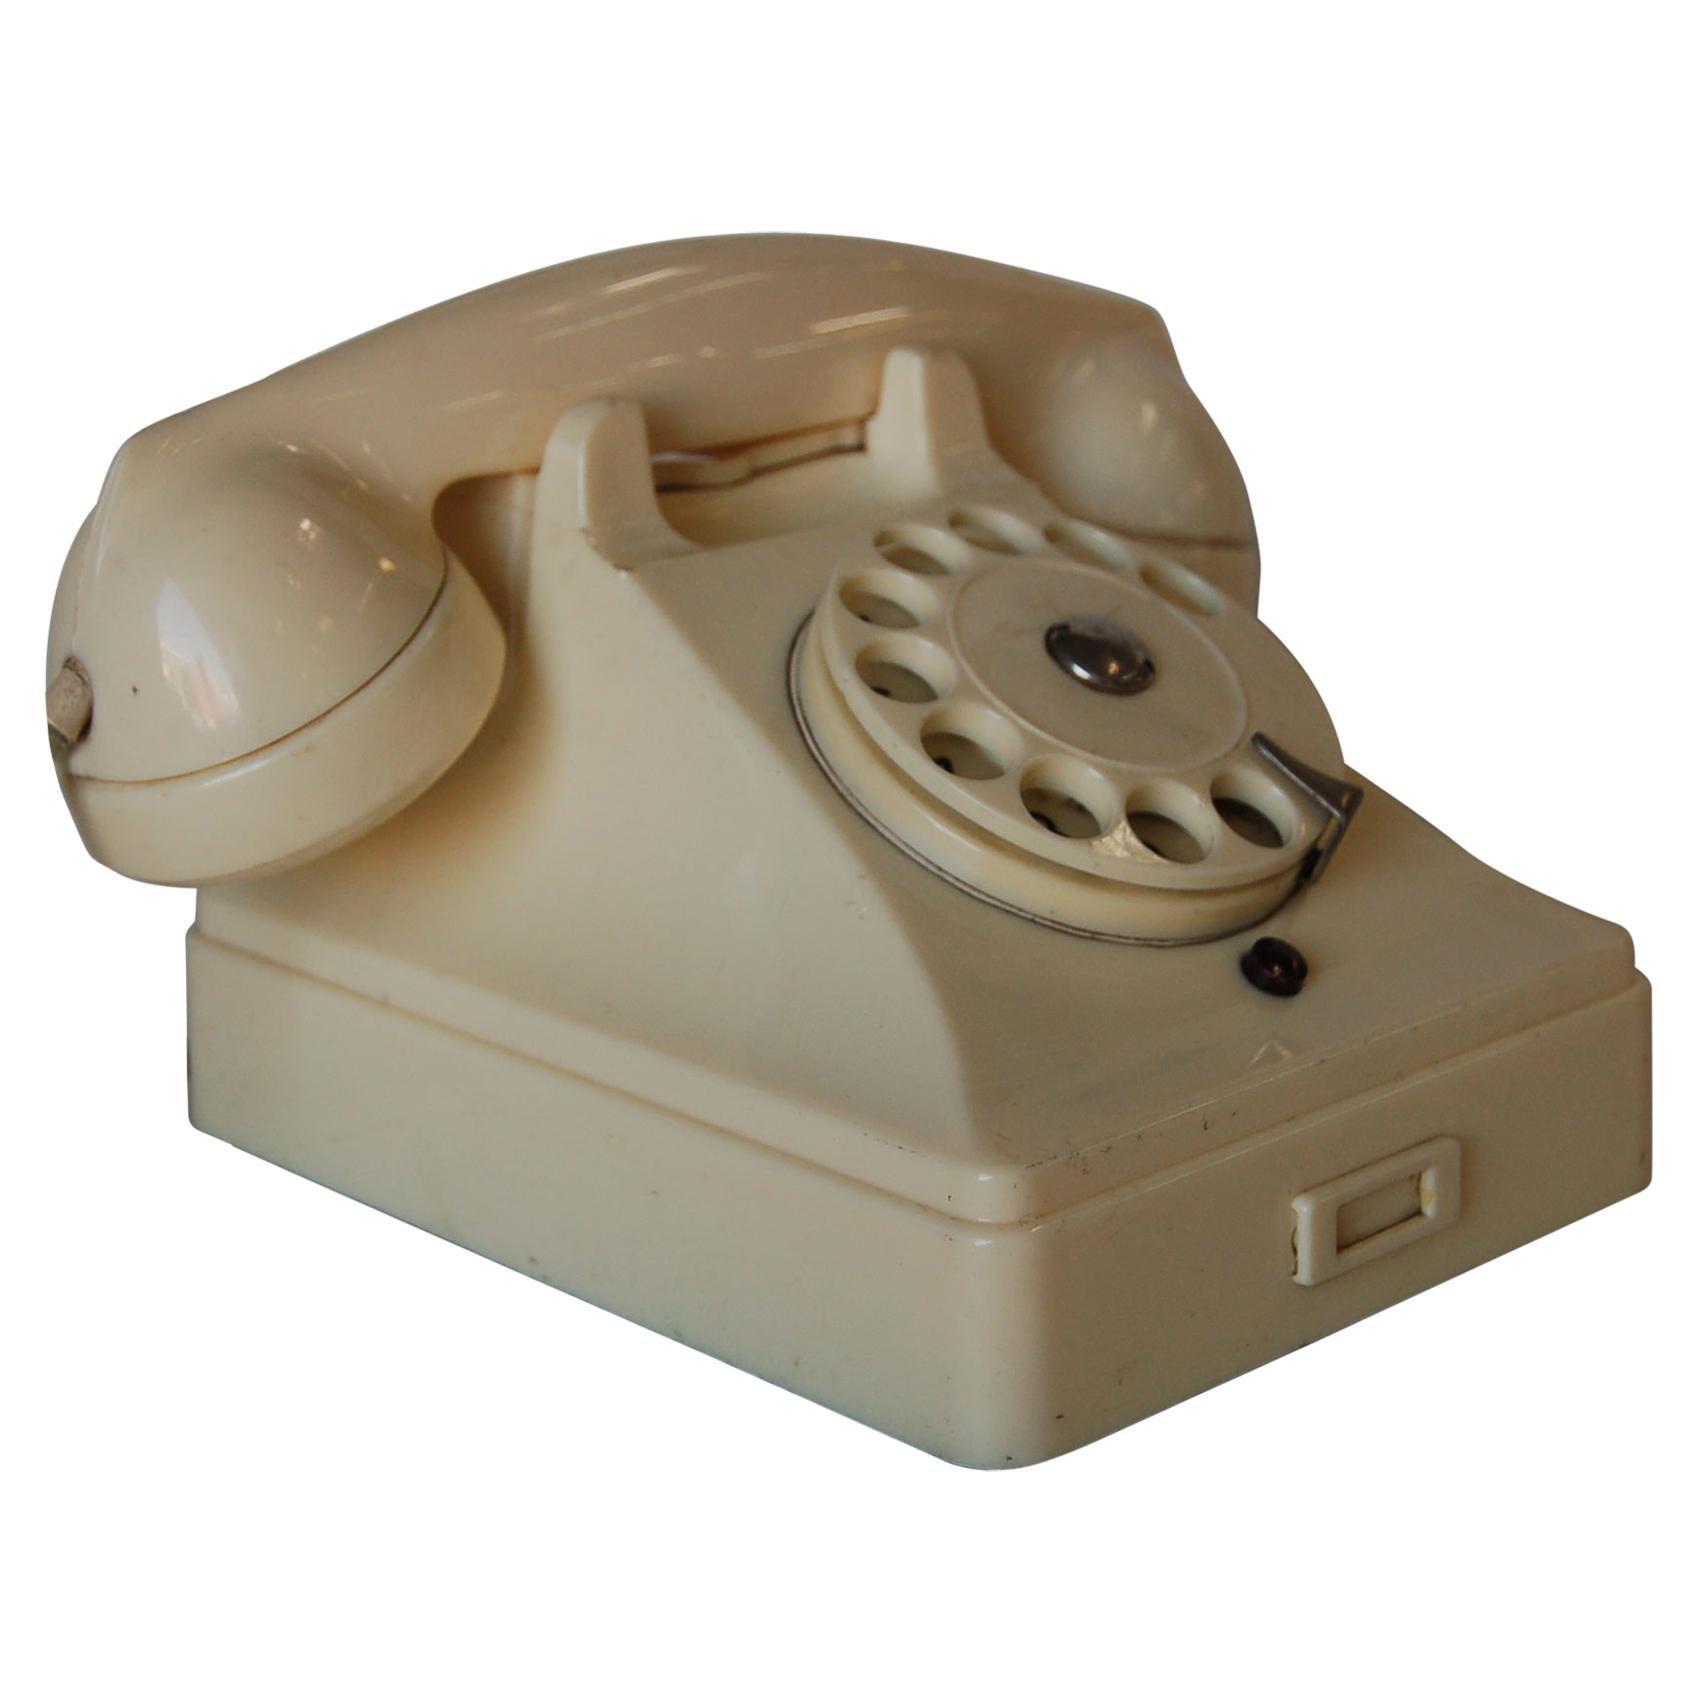 White Bakelite PTT Telephone by Ericsson